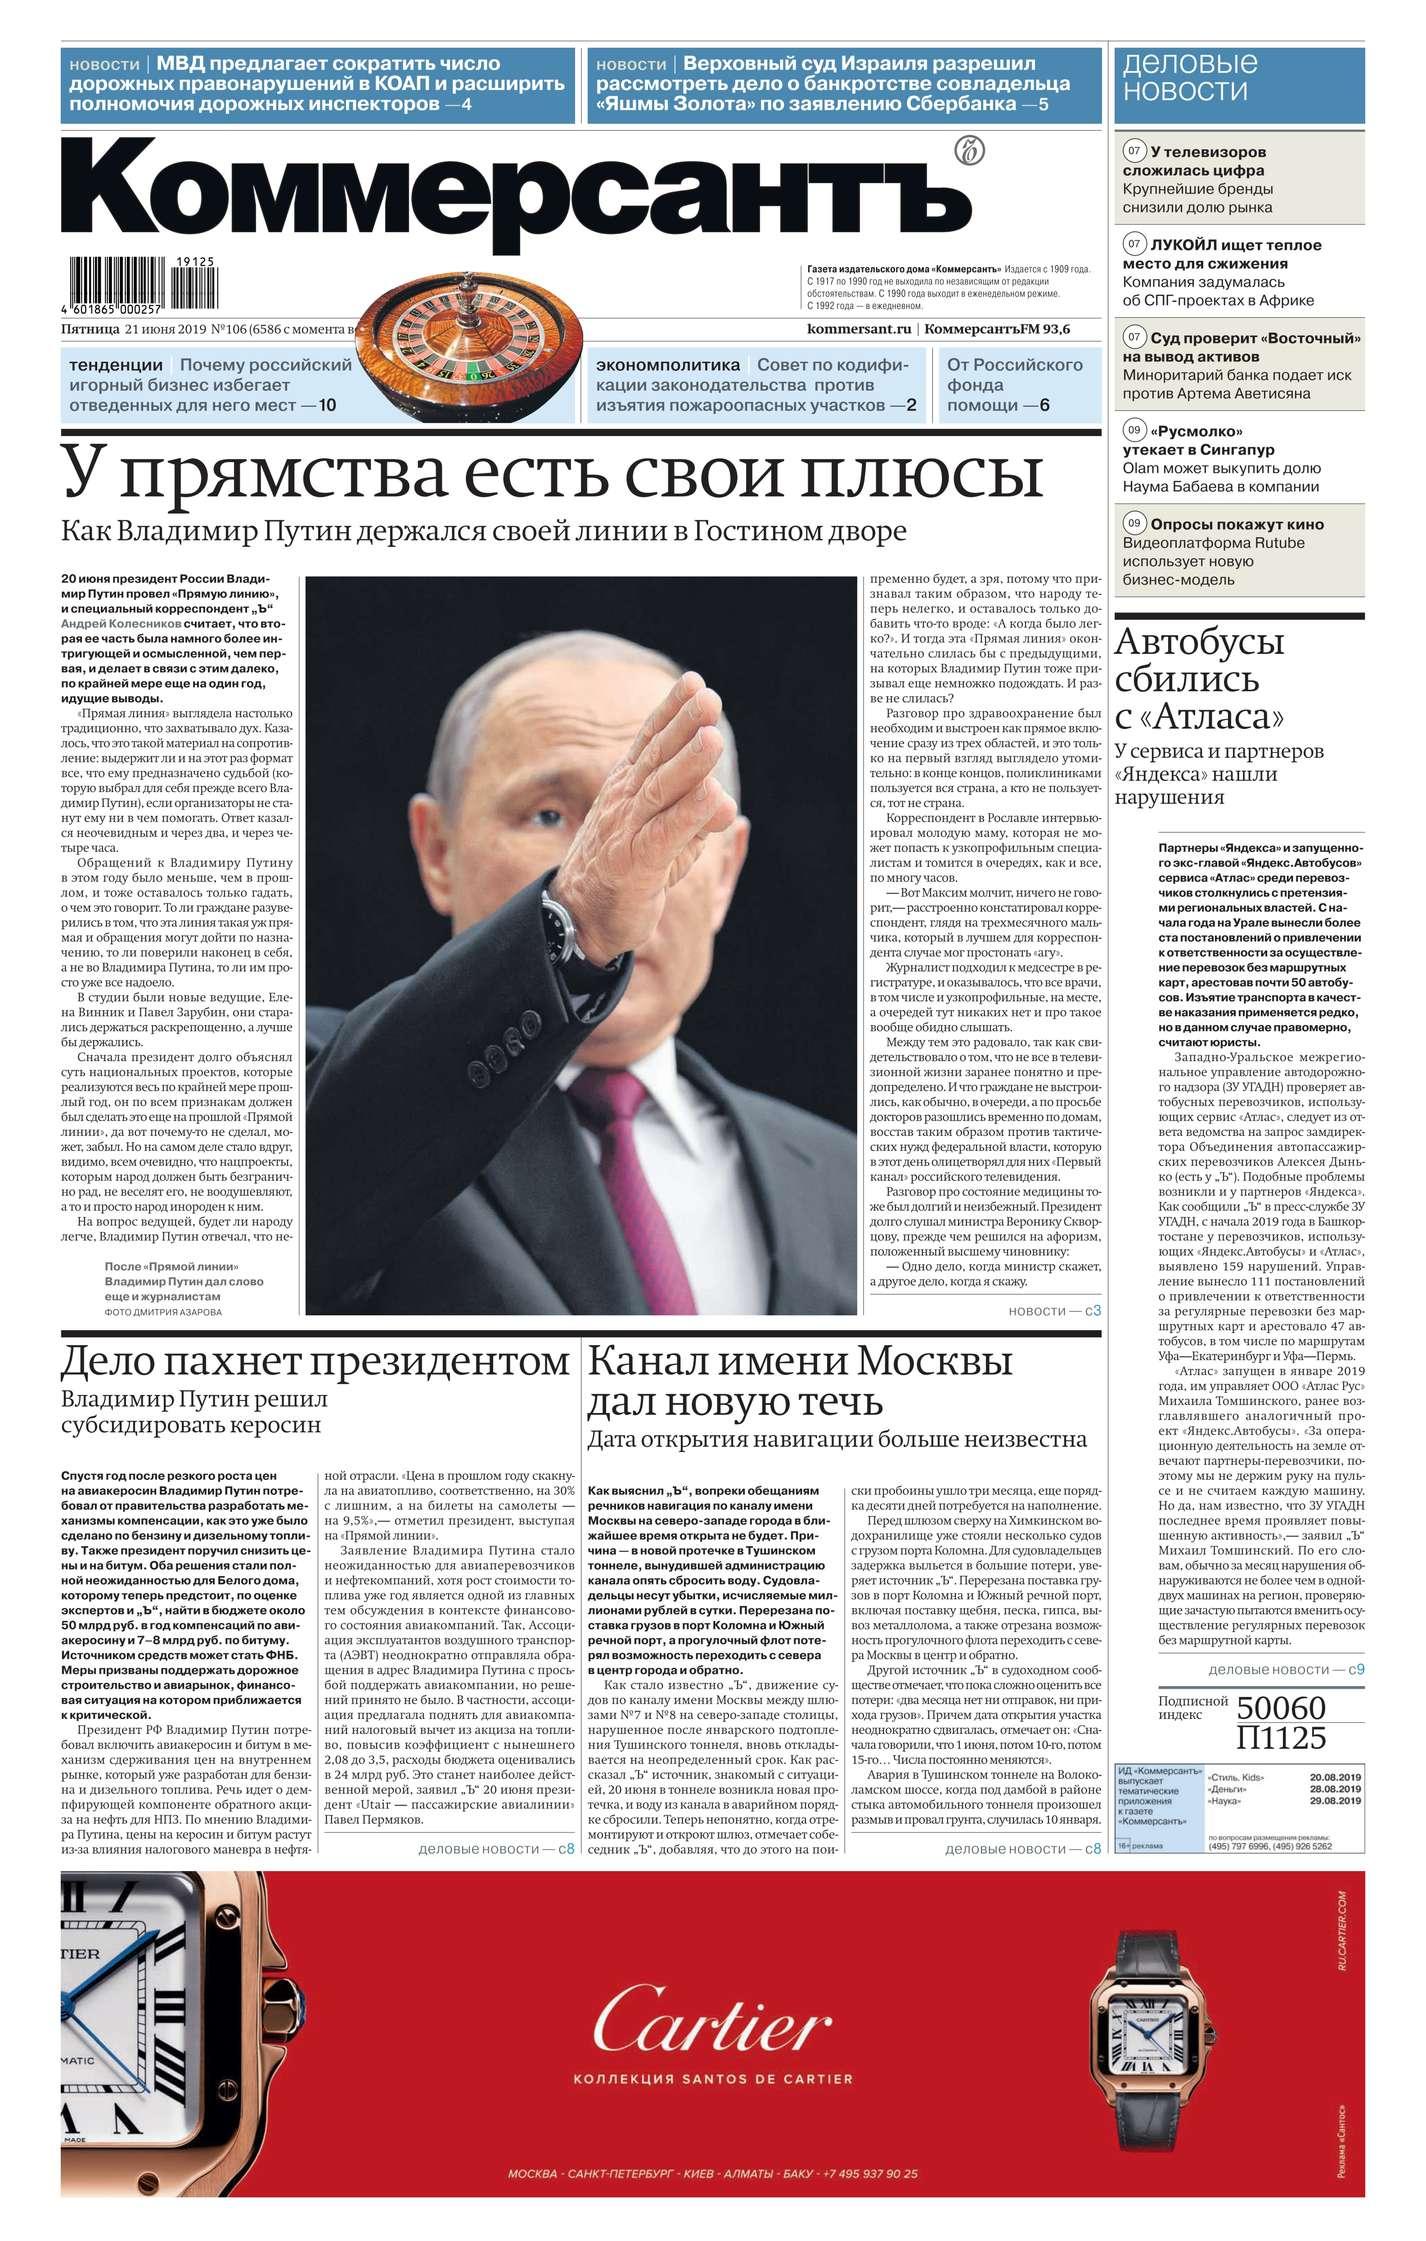 Редакция газеты Коммерсантъ (понедельник-пятница) Коммерсантъ (понедельник-пятница) 106-2019 цена